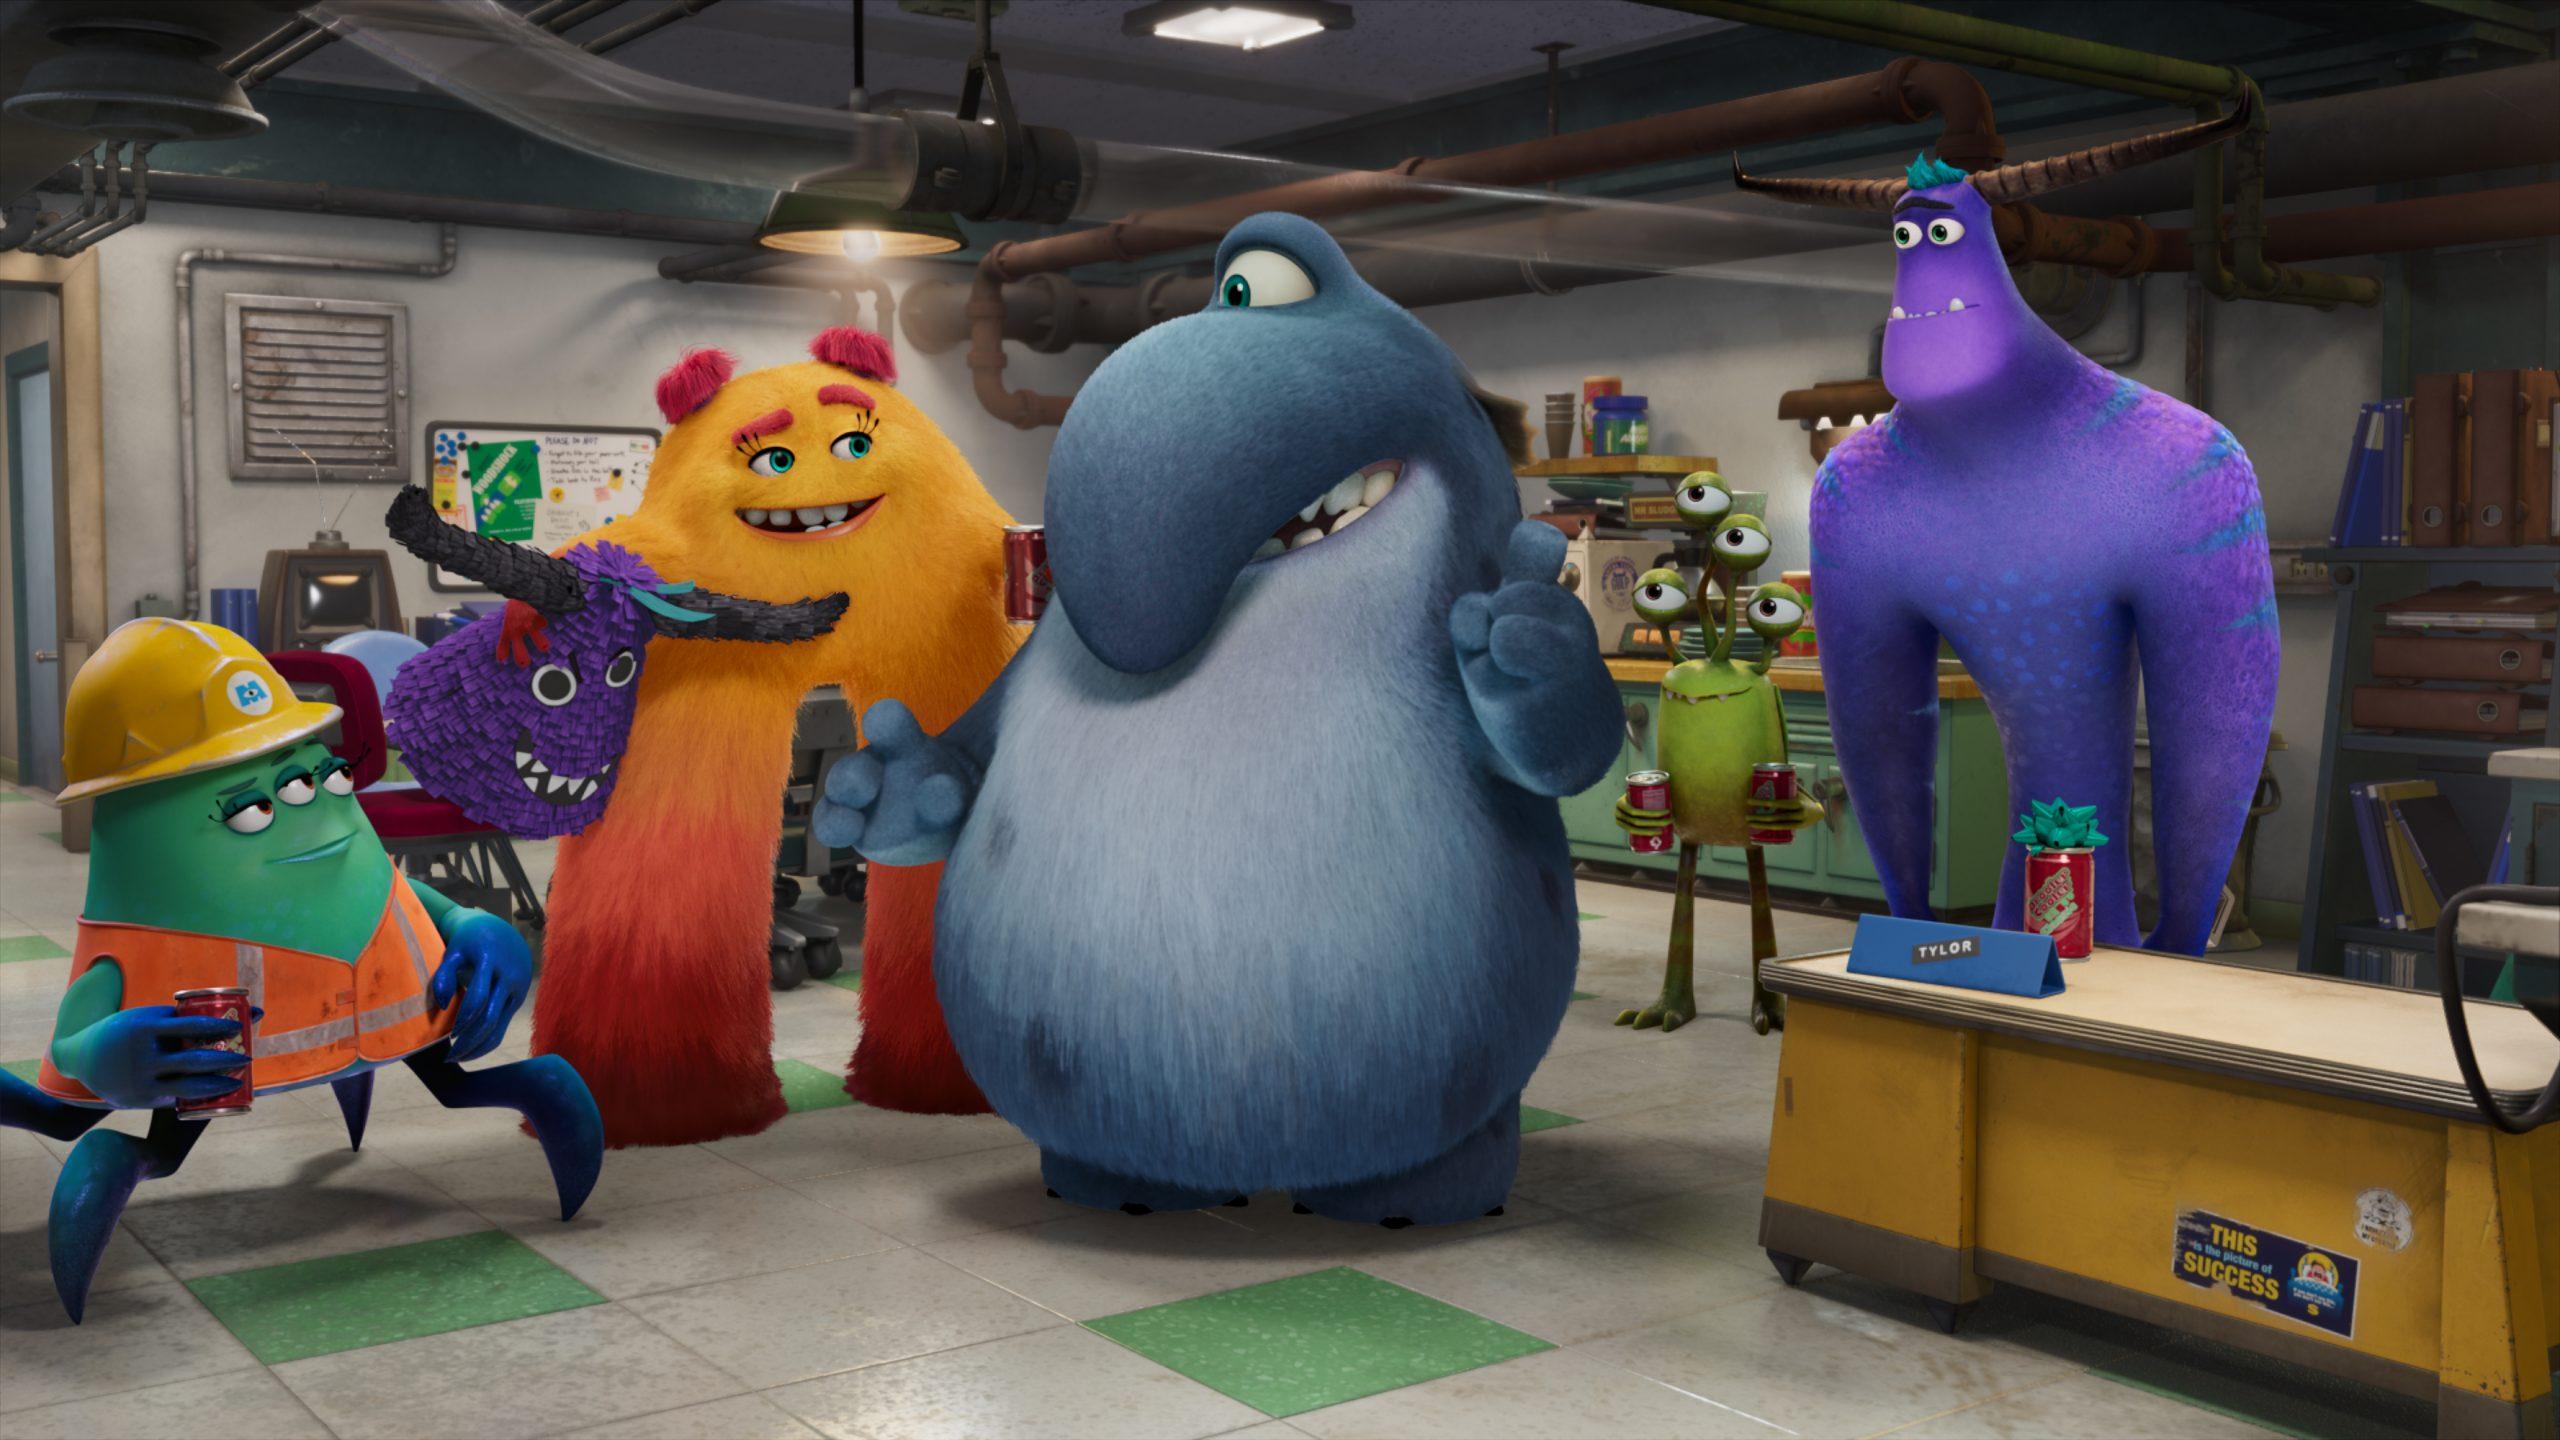 I nuovi personaggi dell'universo Monsters & Co. Semplicemente esilaranti!